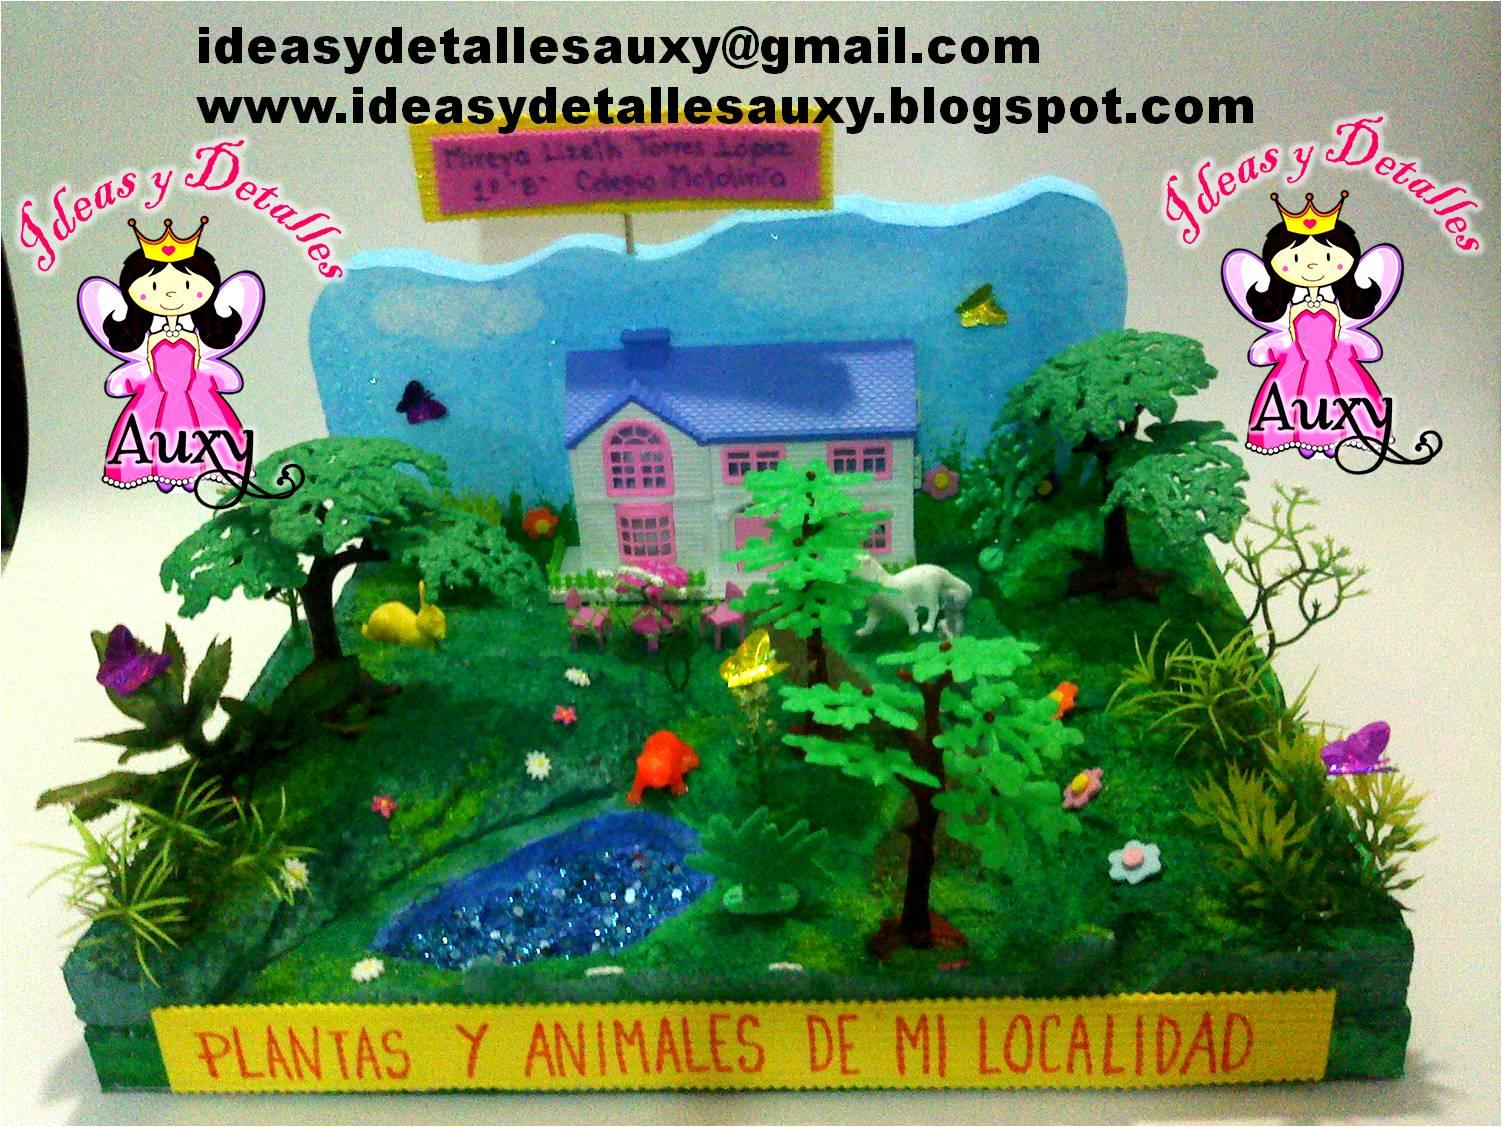 MAQUETAS DE PLANTAS Y ANIMALES DE MI LOCALIDAD